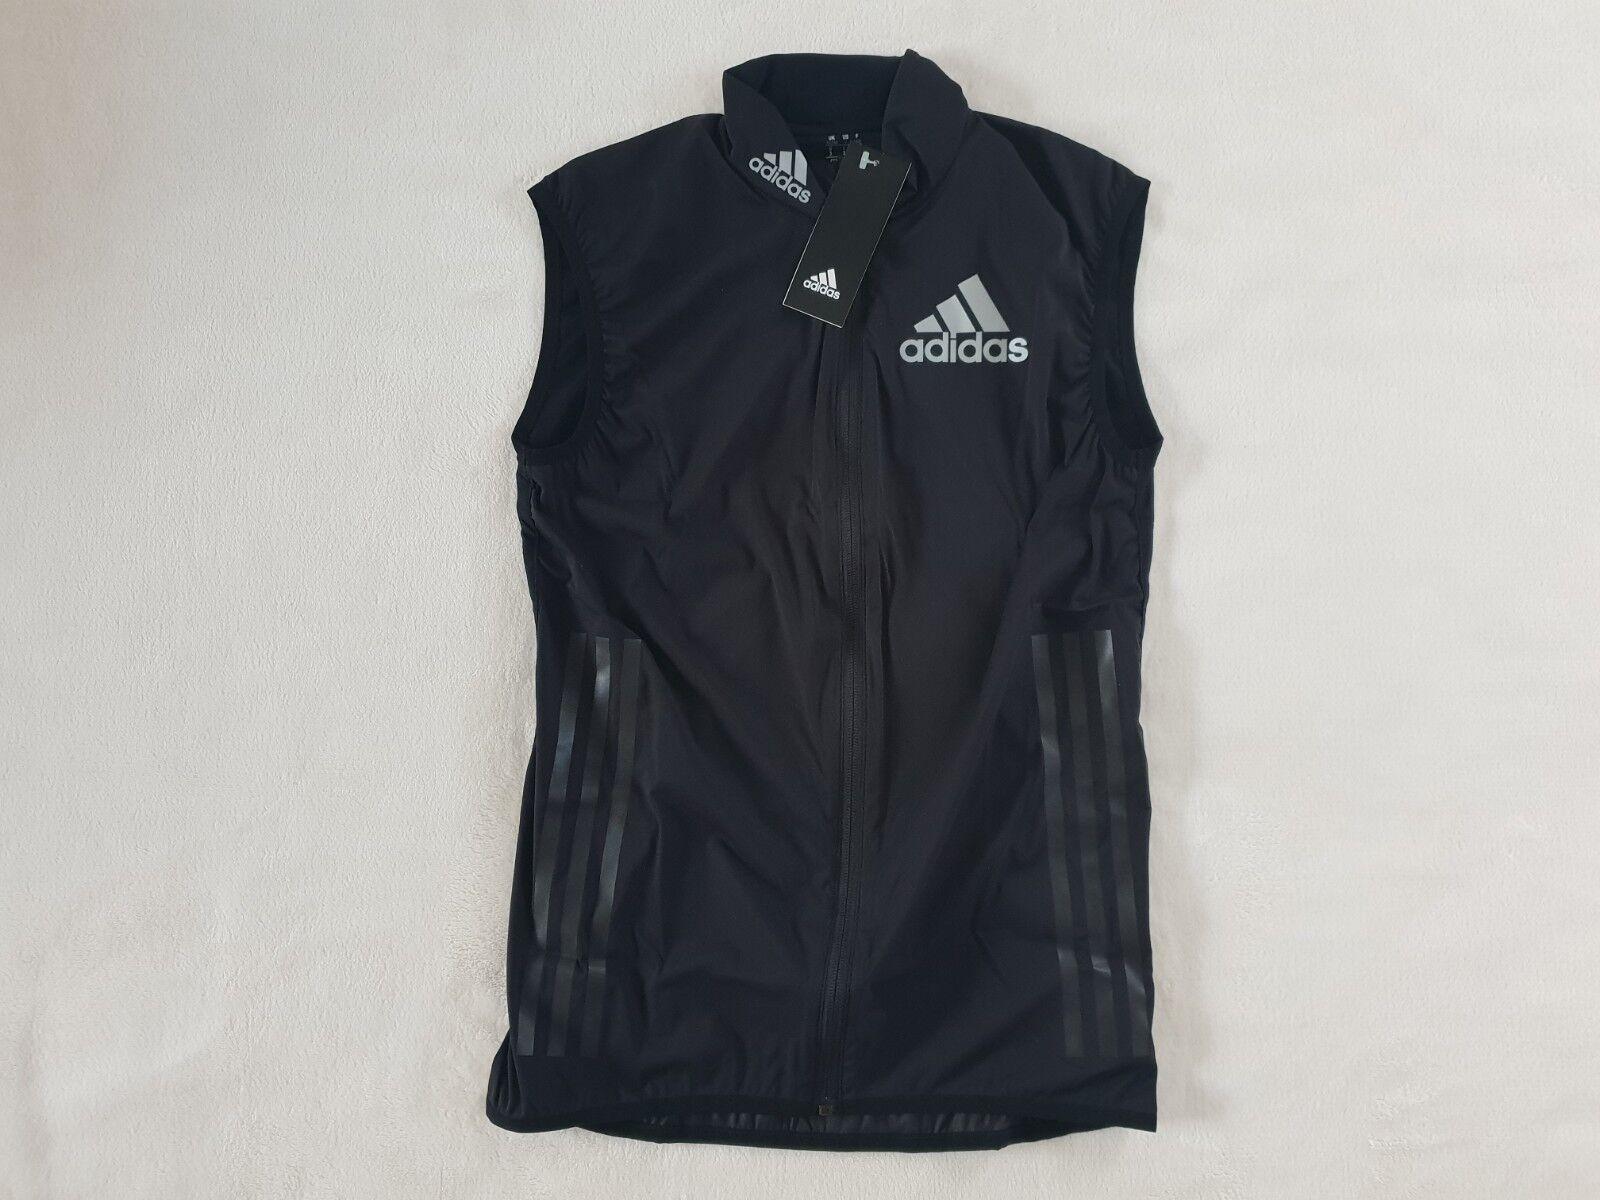 Adidas Athleten Weste M Light Running Größe XS S M L  -NEU- BR2288